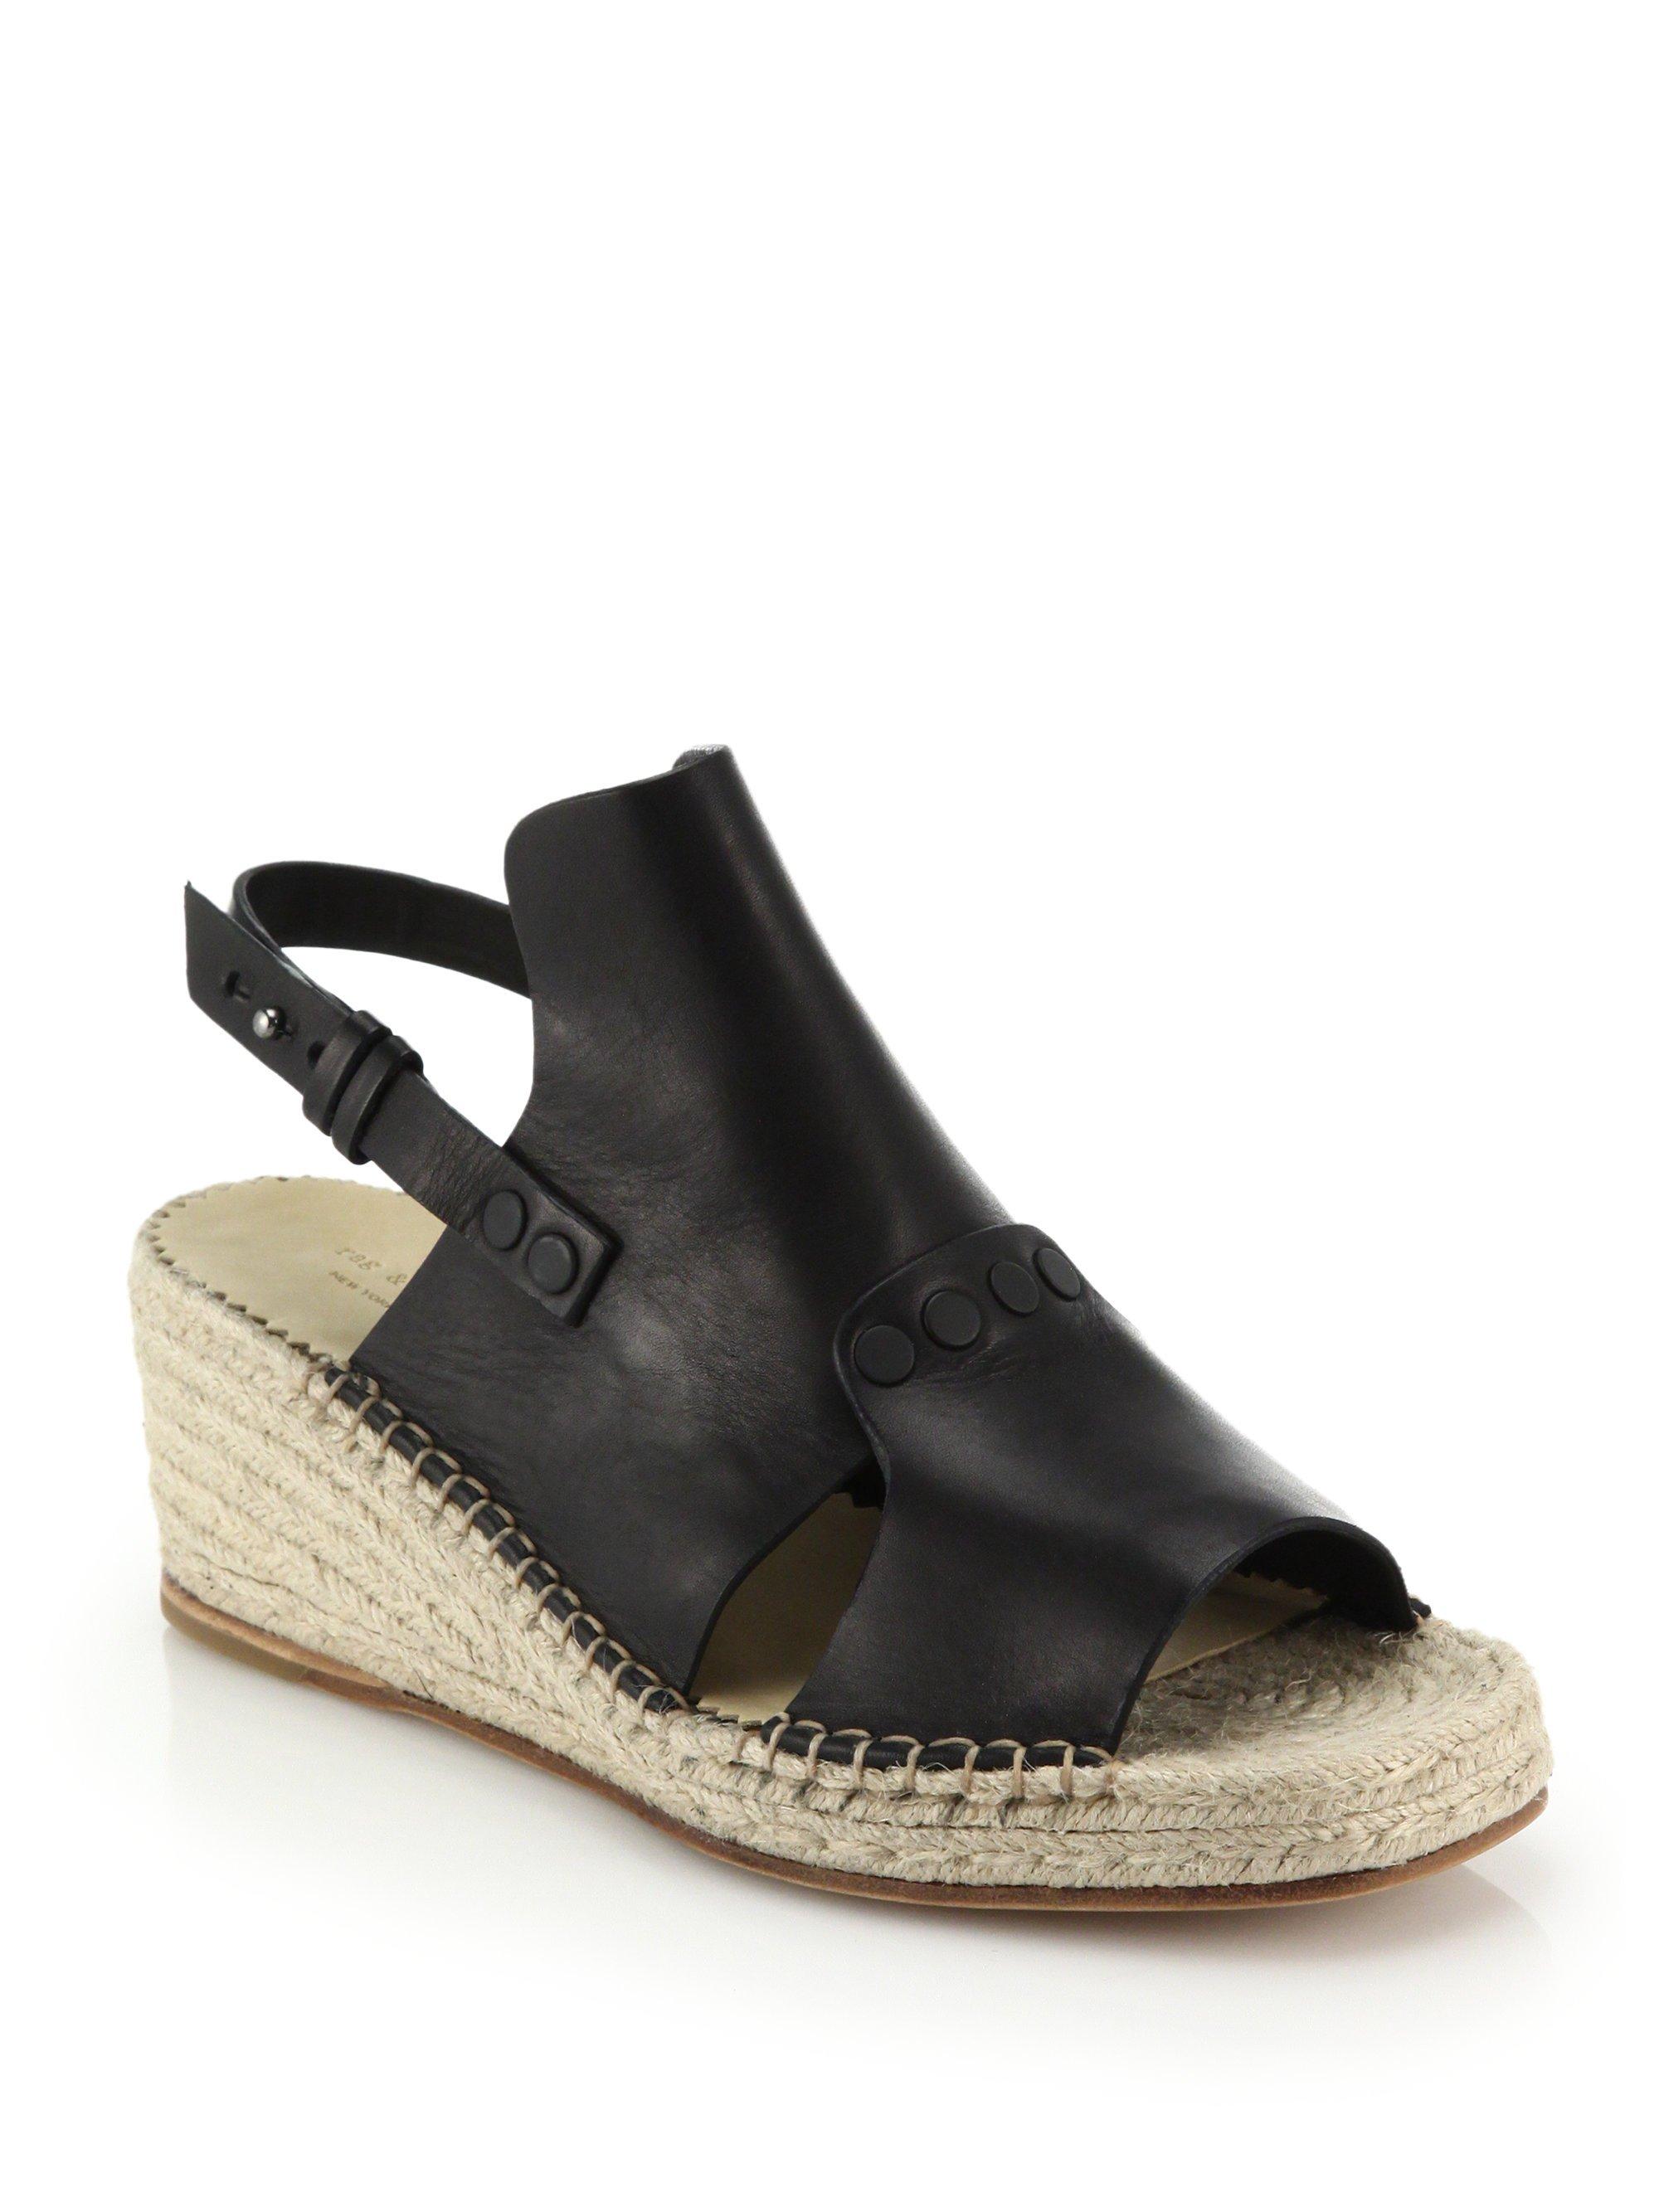 Rag & Bone Leather Wedge Sandals clearance genuine 9sDP15kM